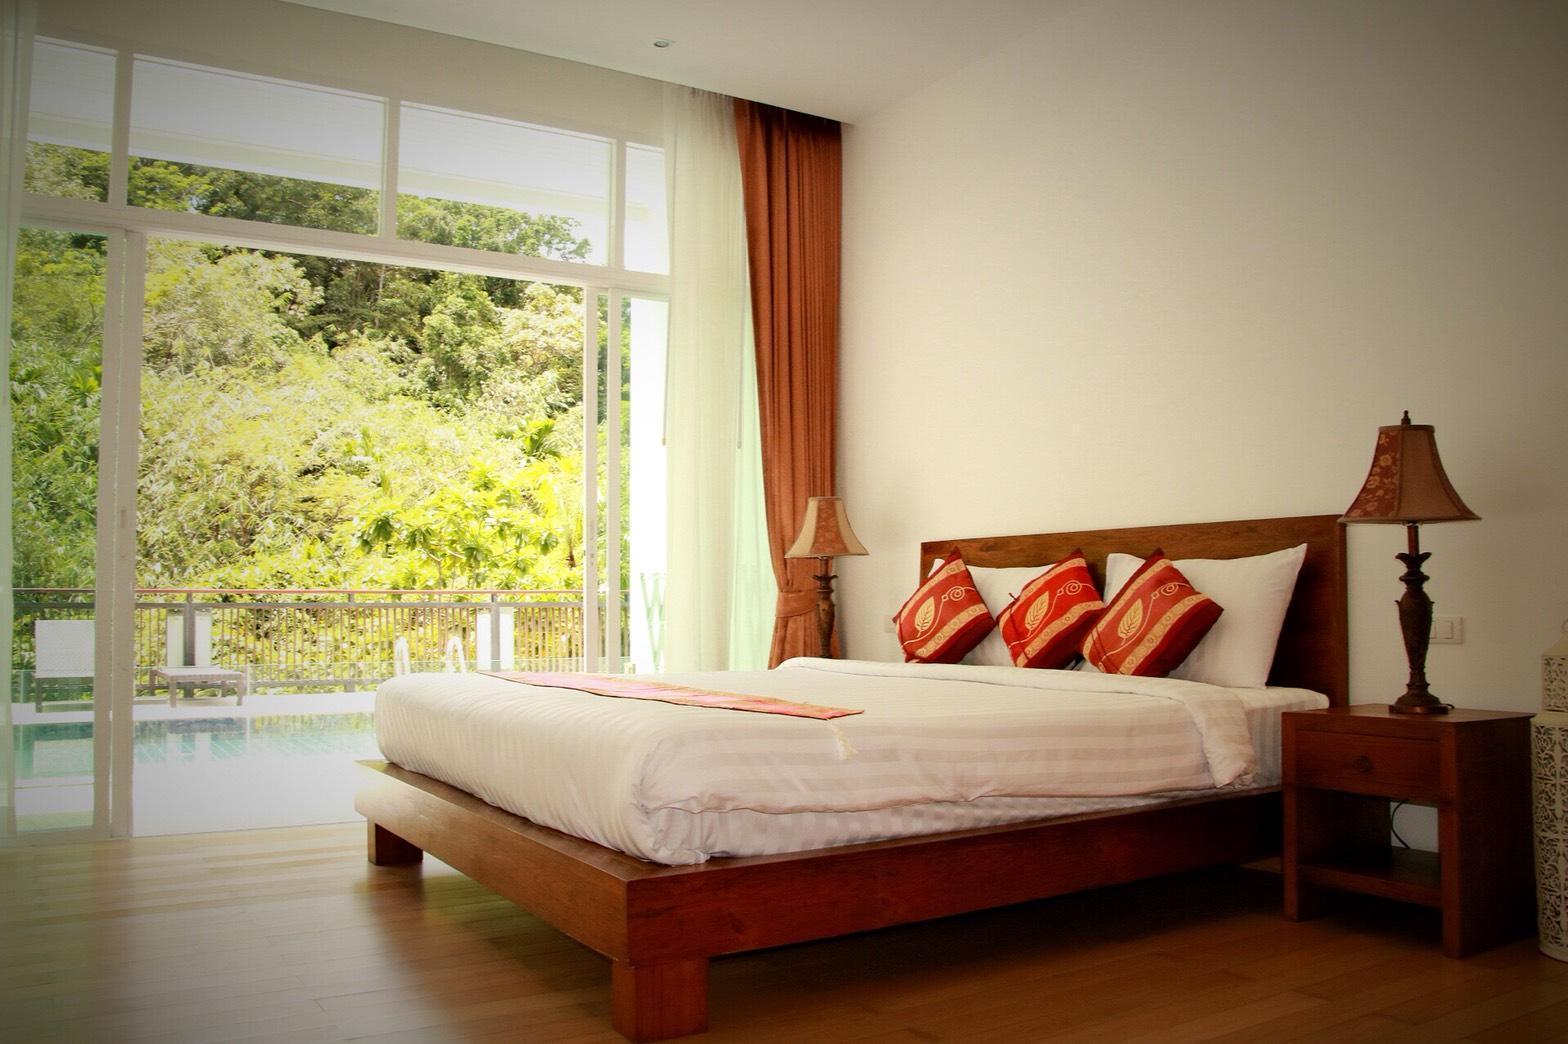 One Bedrooms Suite C1-19 อพาร์ตเมนต์ 1 ห้องนอน 1 ห้องน้ำส่วนตัว ขนาด 71 ตร.ม. – กมลา